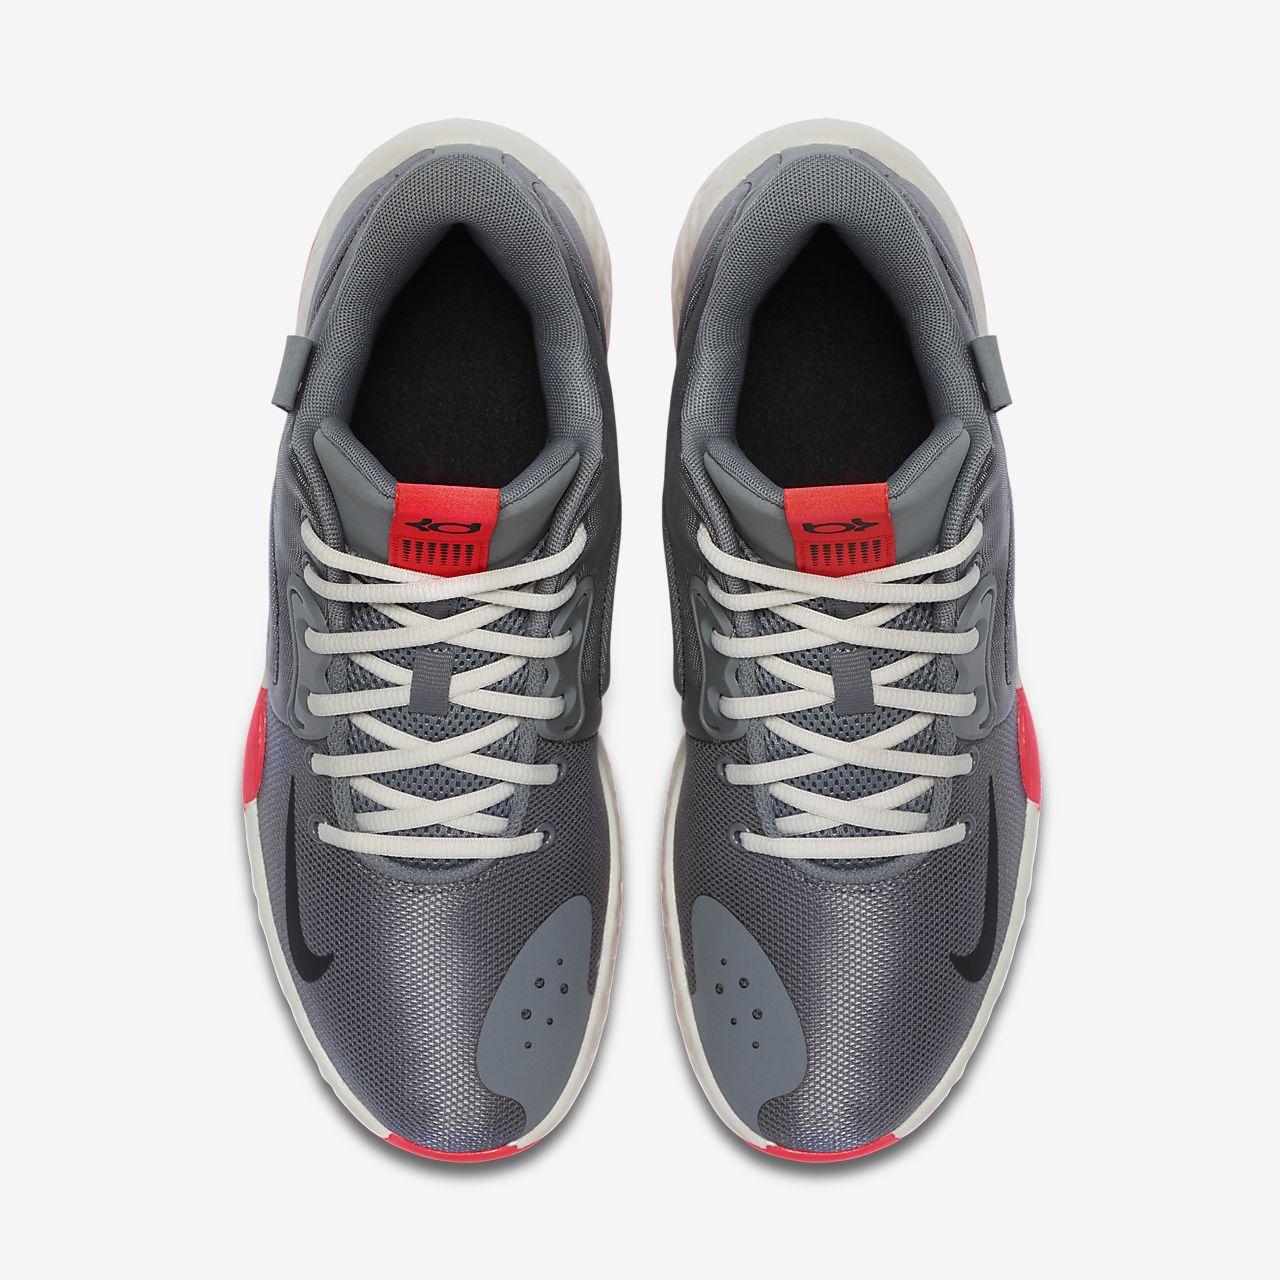 Nike Air Presto (Cool GreyGym Red) Sneaker Freaker